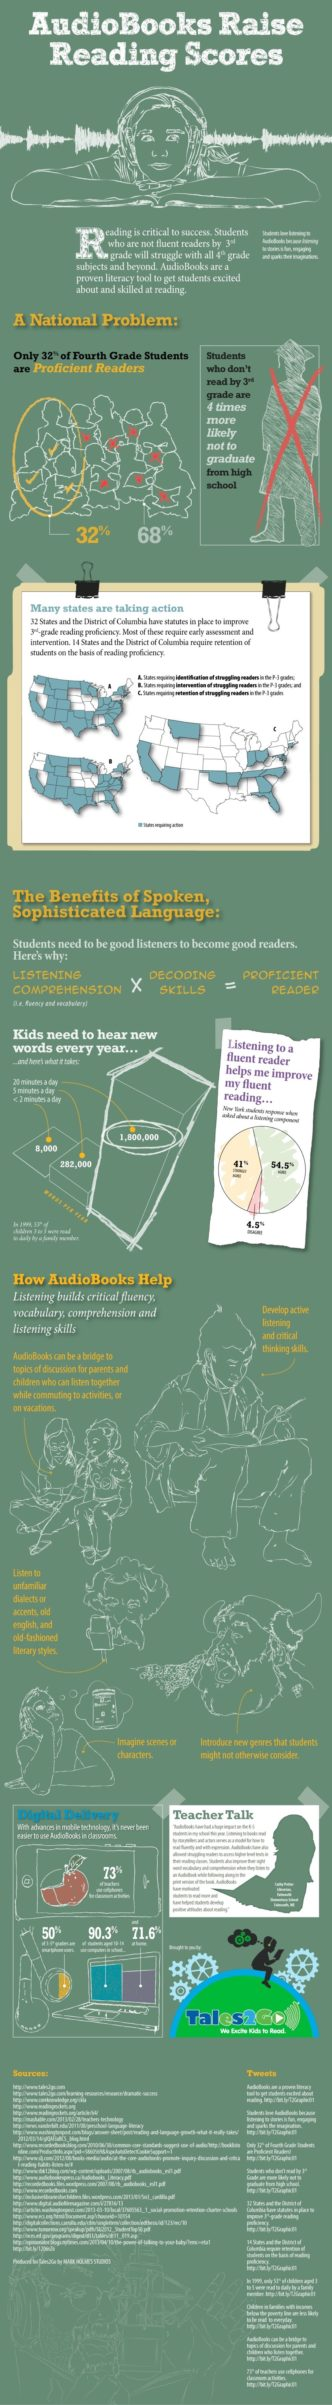 Audiobooks help raise reading scores #infographic